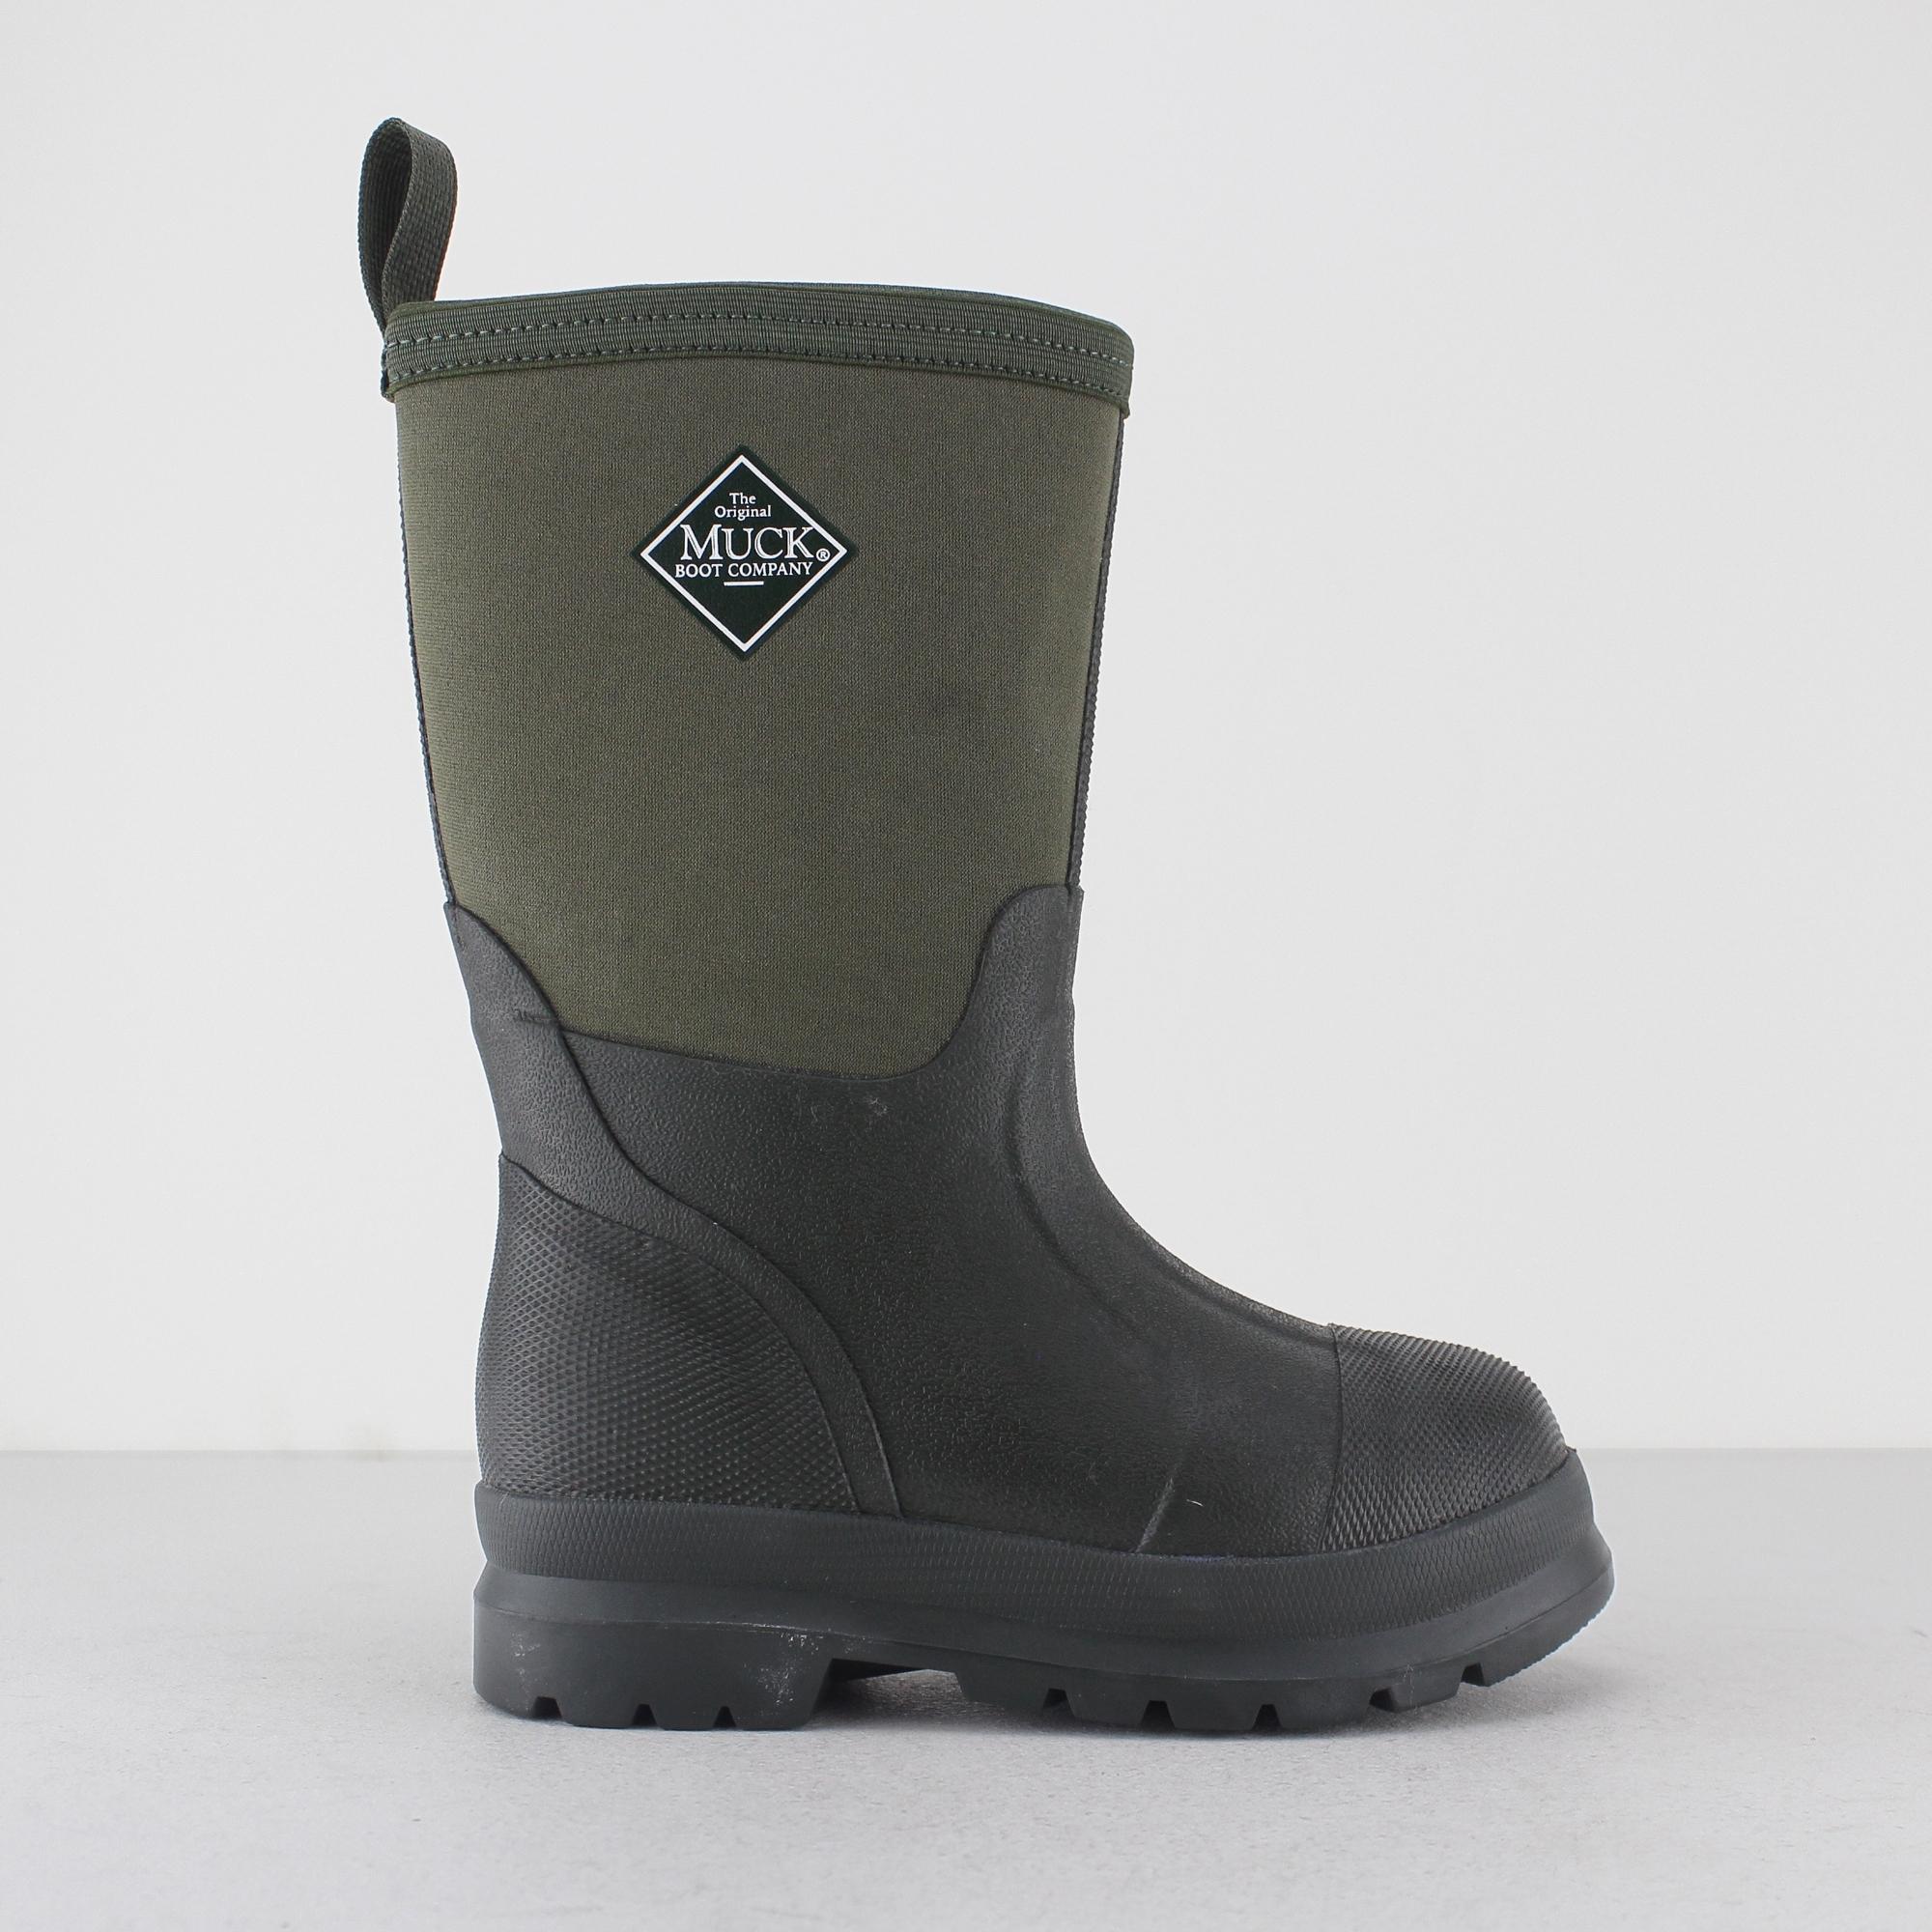 Muck Boots KIDS CHORE WELLIE Kids